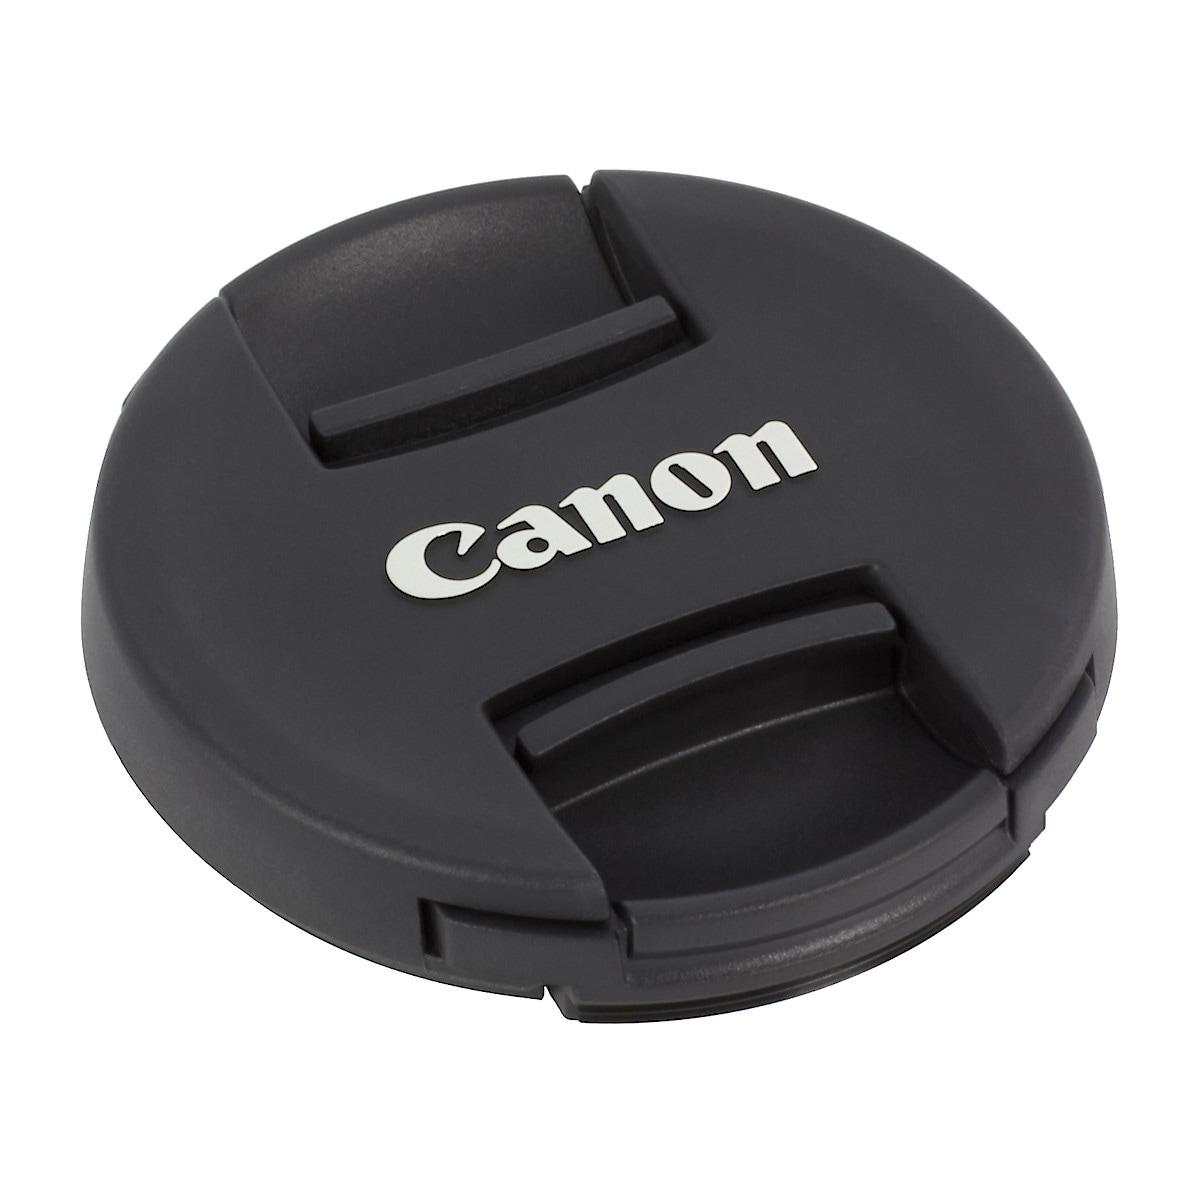 Objektivlock Canon E-58 II